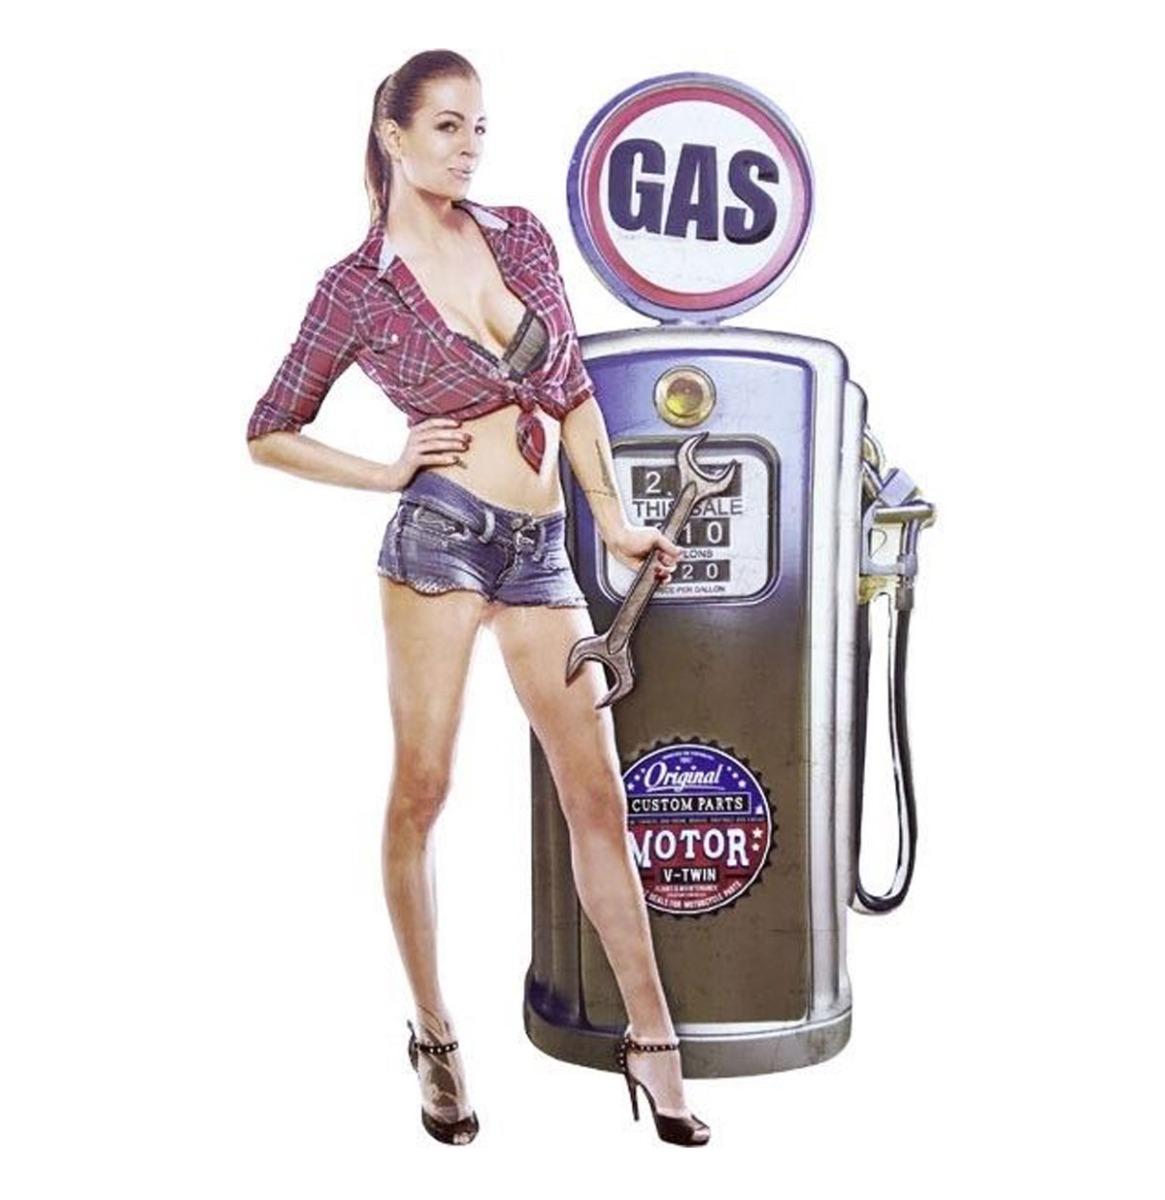 Pin-up Gas Pump Garage Metalen Bord Met Relief XXL 56 x 85 cm